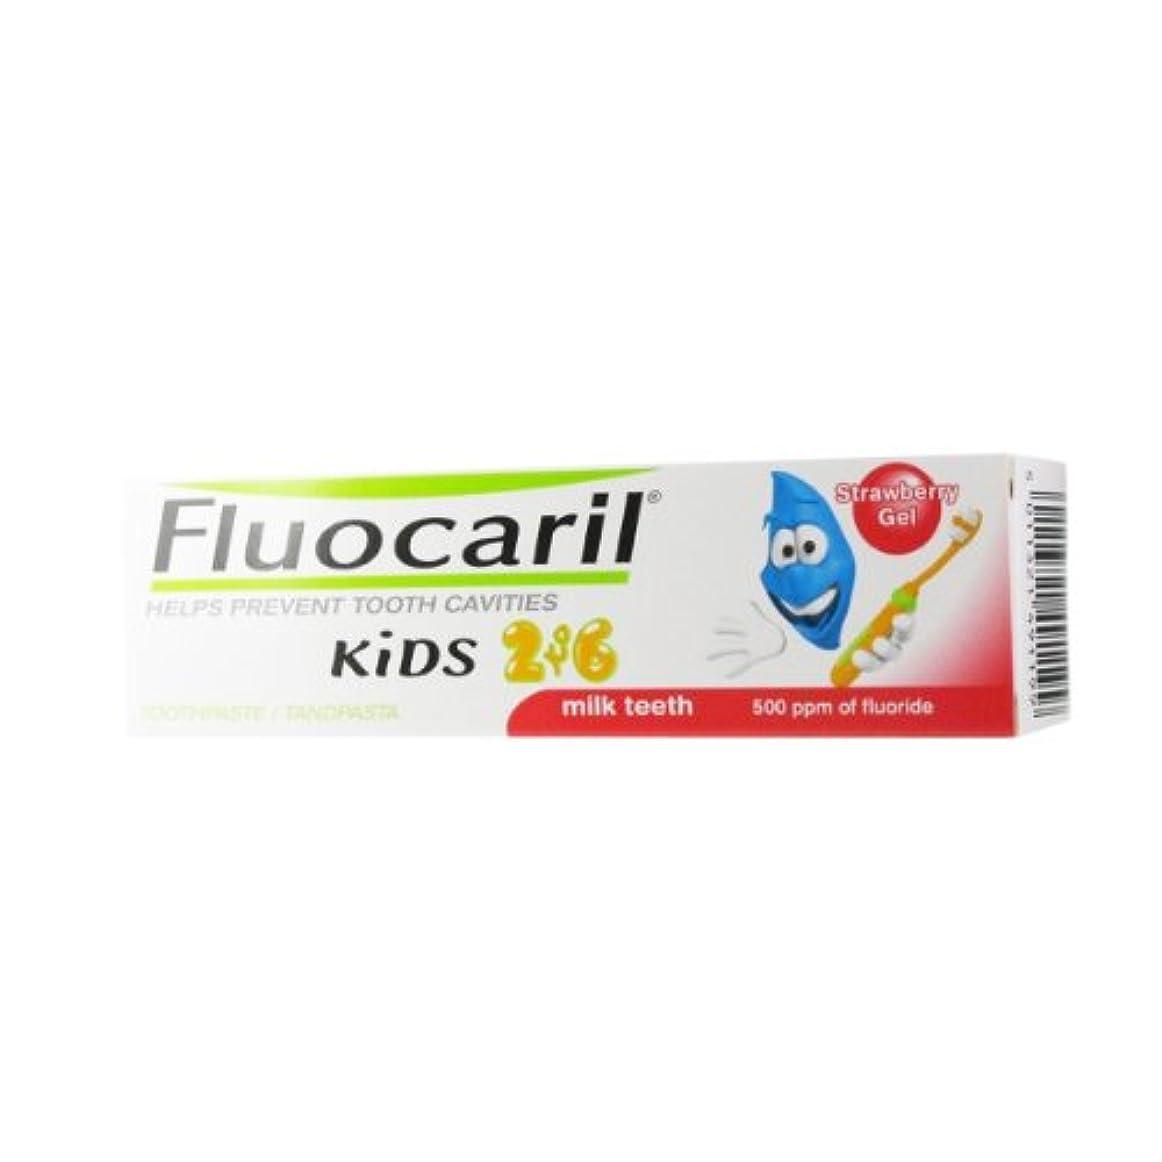 スカウト楽な監督するFluocaril Kids 2 To 6 Strawberry Gel 50ml [並行輸入品]